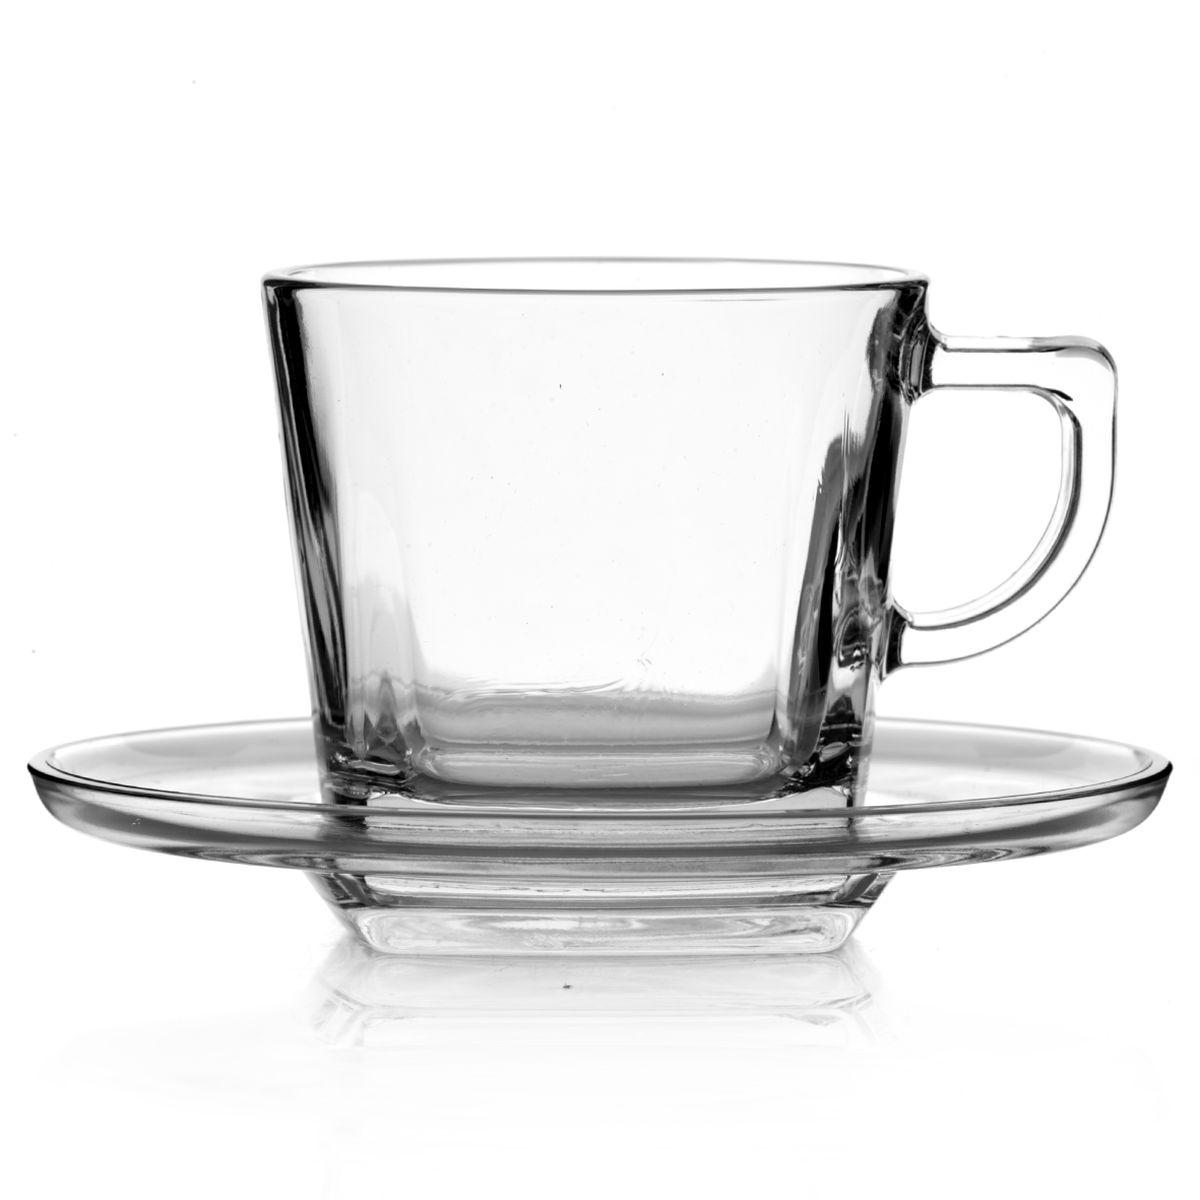 Набор чайный Pasabahce Baltic, цвет: прозрачный, 12 предметов95307BЧайный набор Pasabahce Baltic состоит из шести чашек и шести блюдец. Предметы набора изготовлены из прочного натрий-кальций-силикатного стекла. Необычная форма изделий делает этот набор оригинальным, не похожим на множество других. Изящный чайный набор великолепно украсит стол к чаепитию и порадует вас и ваших гостей ярким дизайном и качеством исполнения. Диаметр чашки (по верхнему краю): 7,5 см. Высота чашки: 7 см. Объем чашки: 215 мл. Количество чашек: 6 шт. Размер блюдца: 13 см х 13 см х 2 см. Количество блюдец: 6 шт.